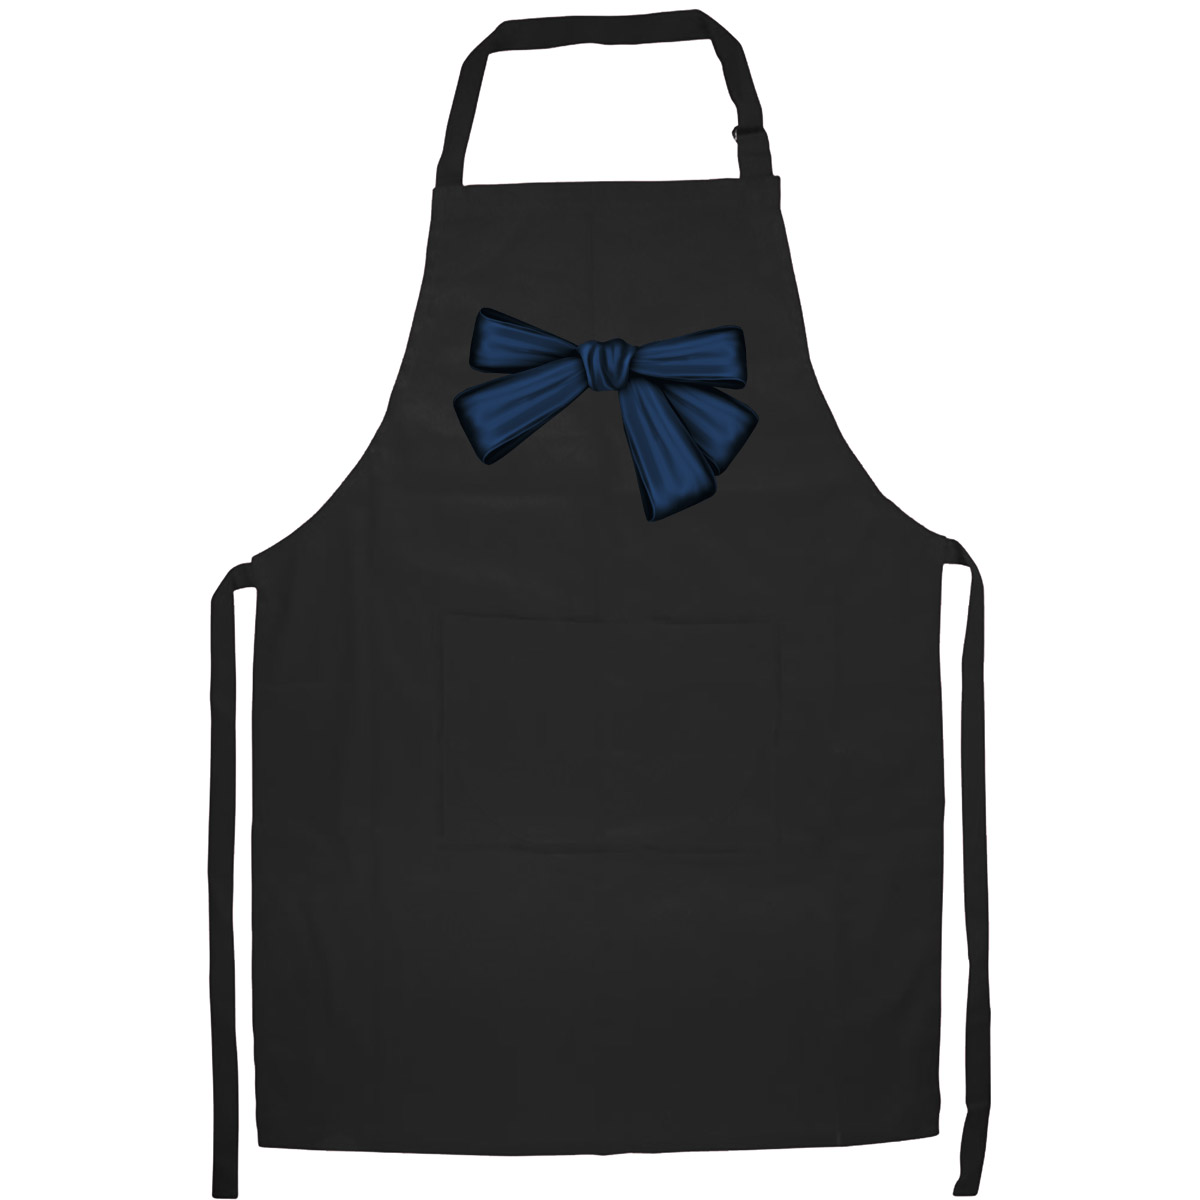 Tạp Dề Làm Bếp In Hình Những Chiếc Nơ Xinh - Mẫu011